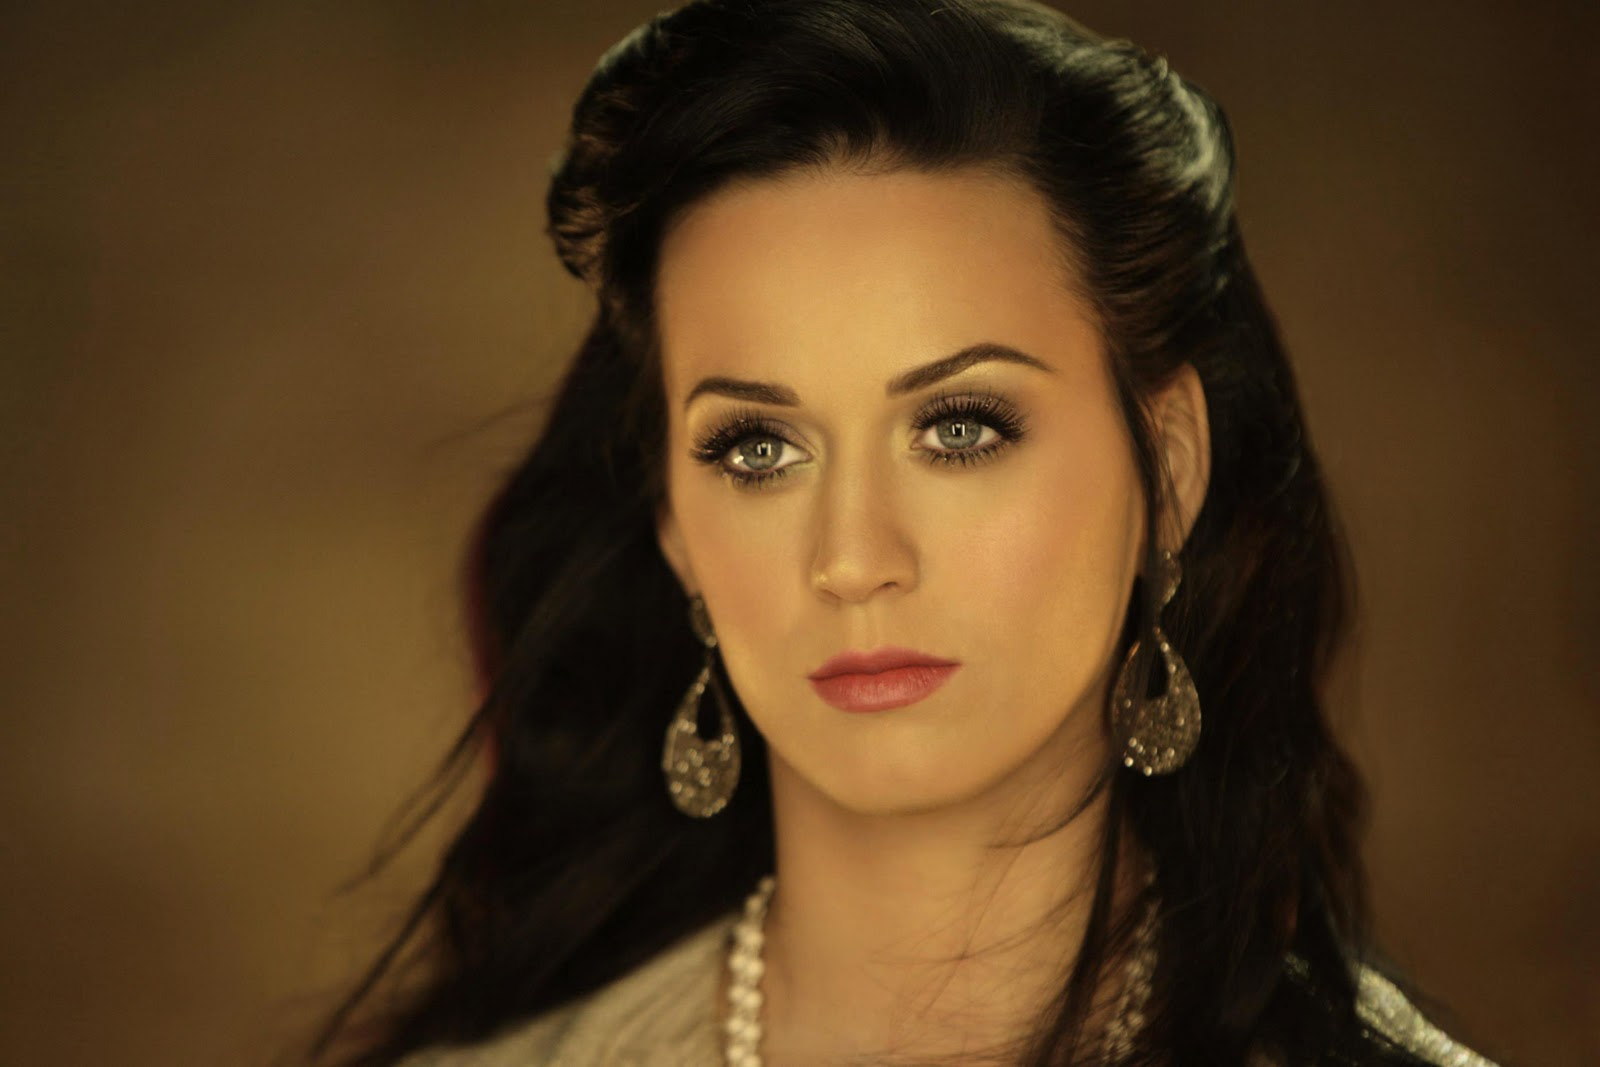 Alana dante famous singer stolen home sex video 3